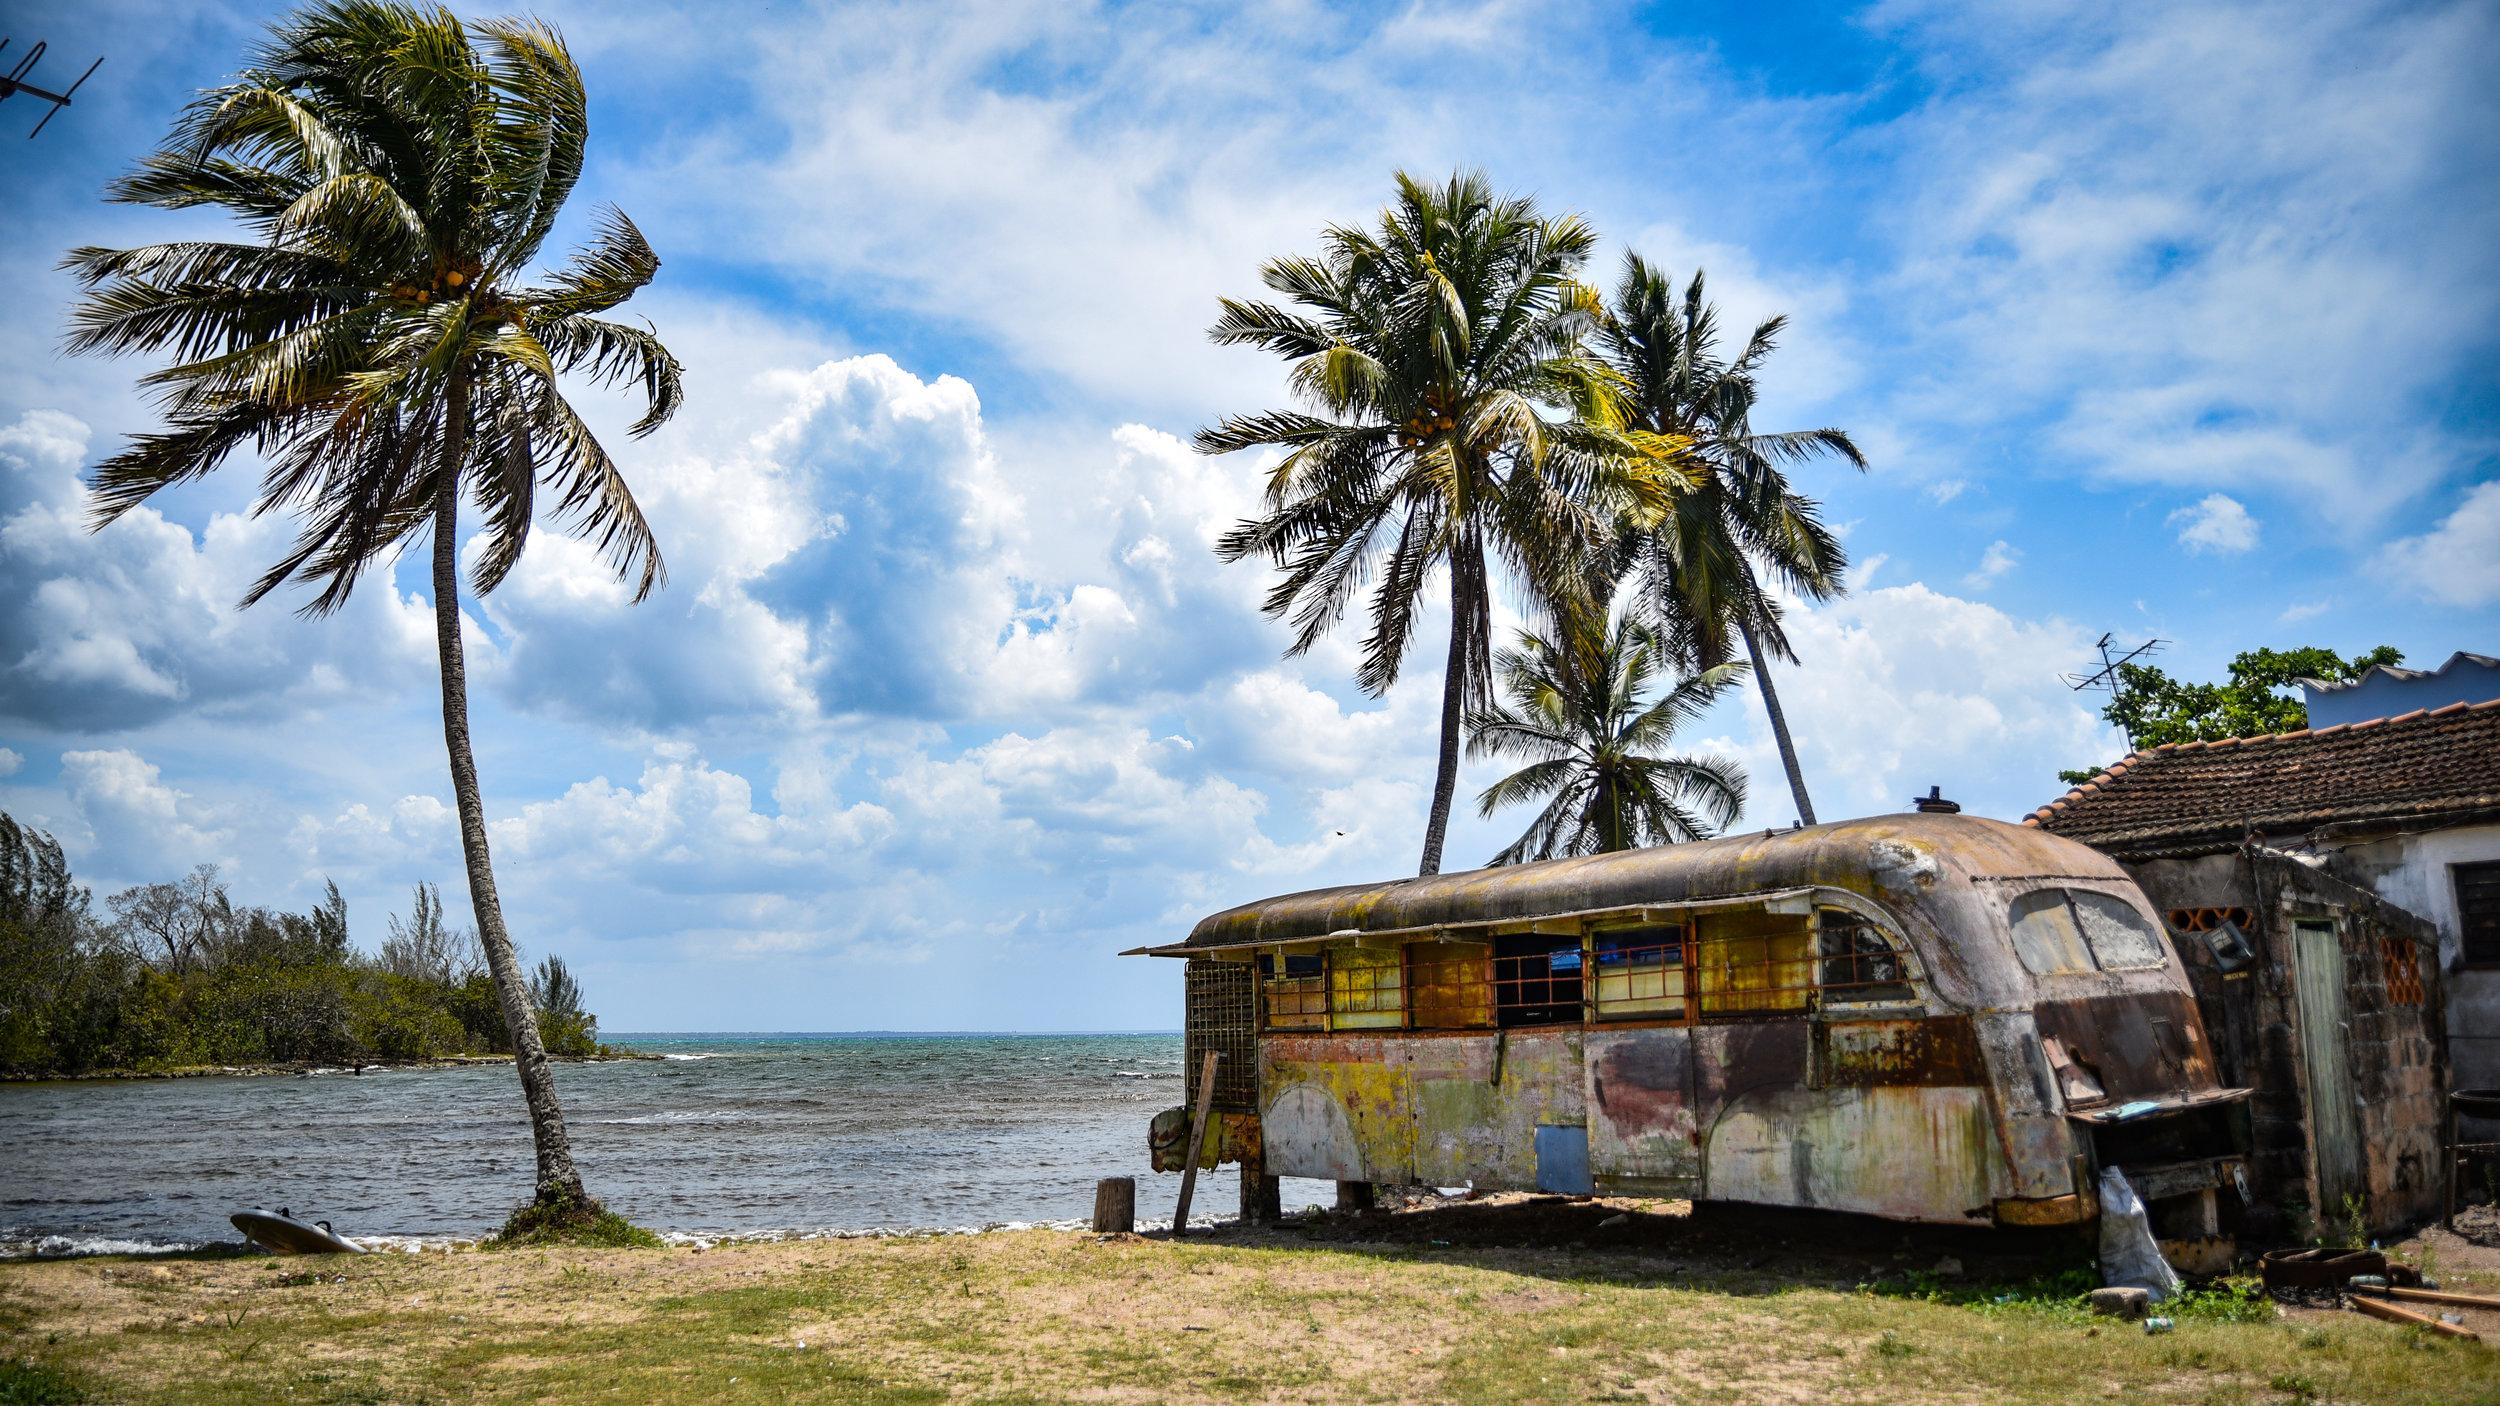 Sigade Laht on massturismist puutumata. Meie kodumajutus asub otse rannas ja meenutab oma ülesehituselt butiikhotelli - me jätame selle üllatuseks. Foto: Rivo Raaga